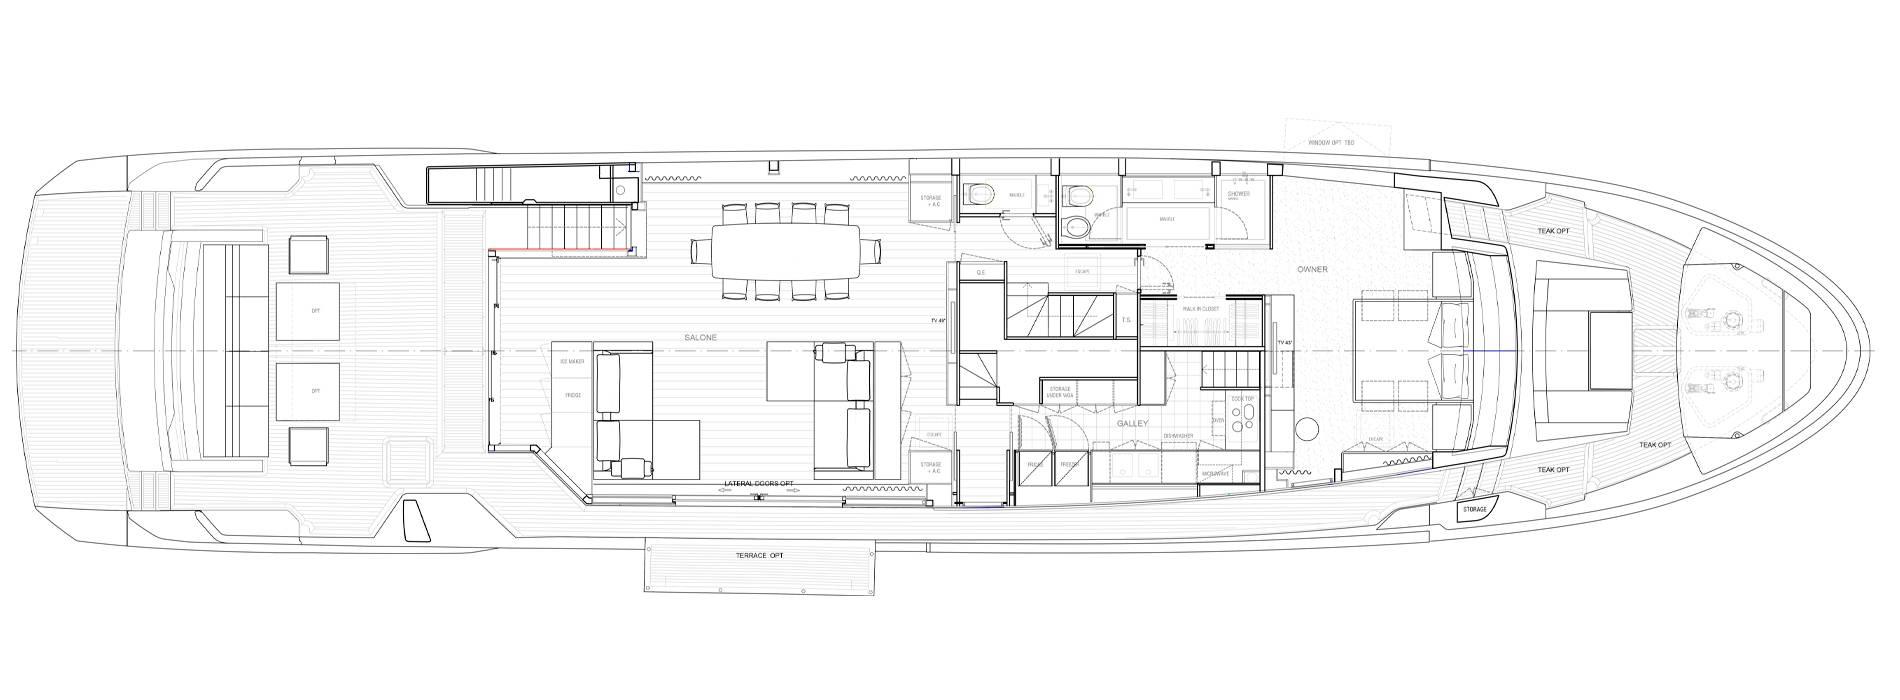 Sanlorenzo Yachts SL106 Asymmetric Main deck